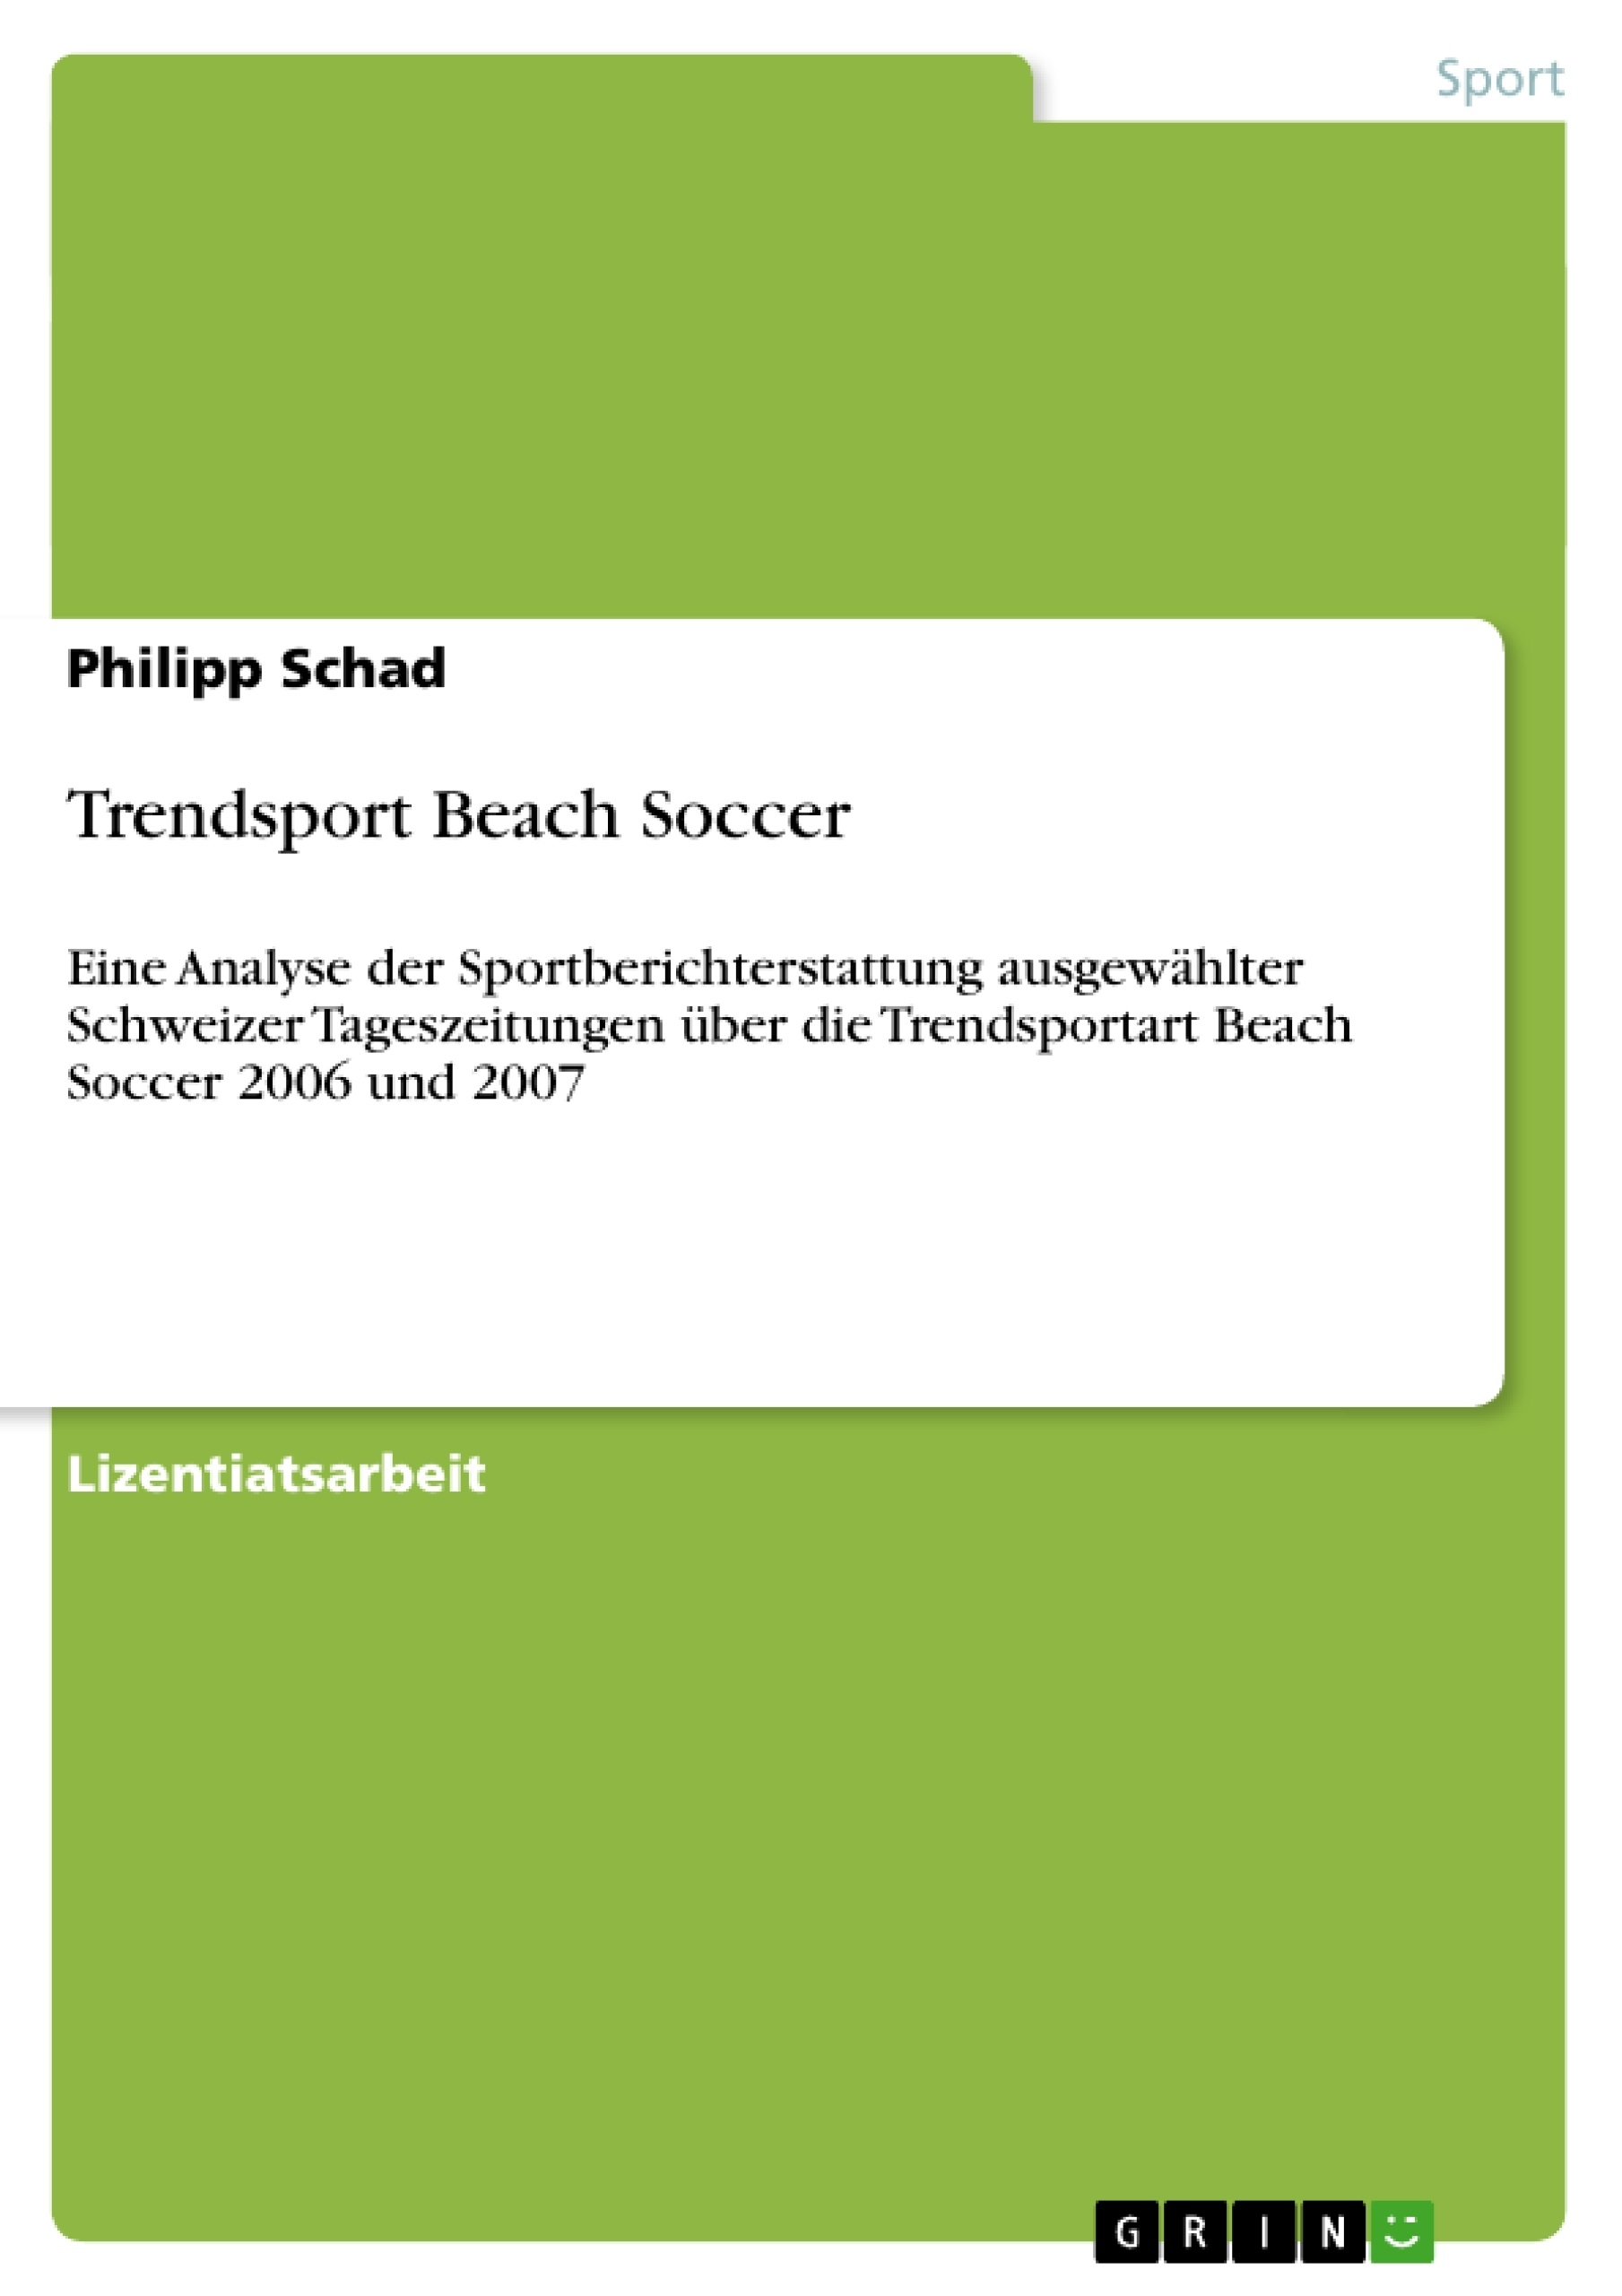 Titel: Trendsport Beach Soccer